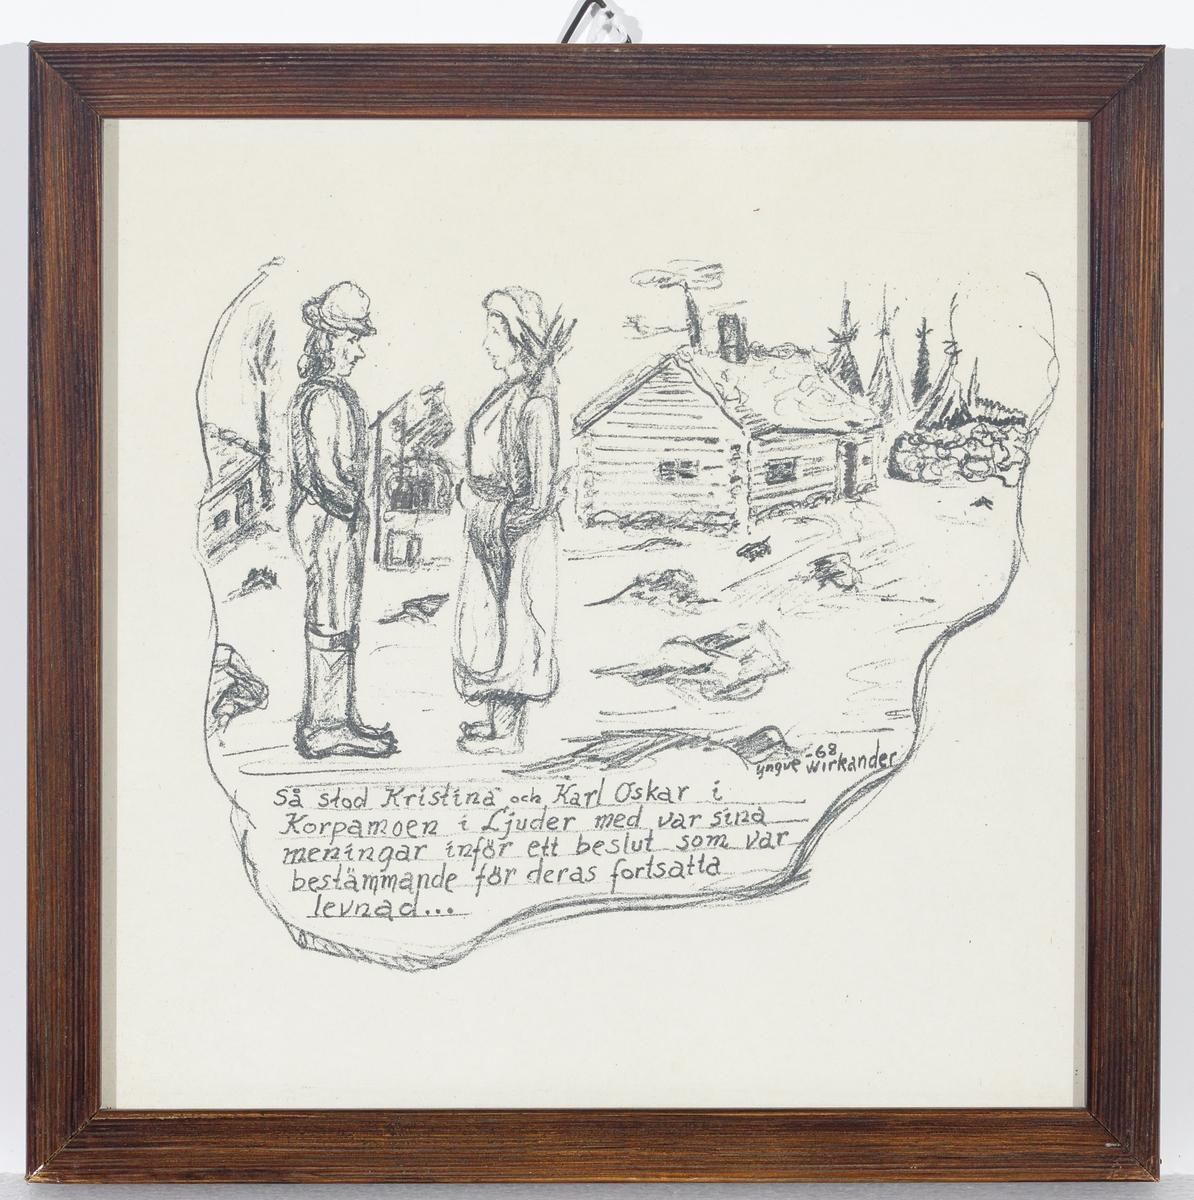 """Kolteckning (illustration till Utvandrarna). En man och en kvinna står framför några hus och bodar. """"Så stod Karl Oskar och Kristina i Korpamoen i Ljuder med var sina meningar..."""""""